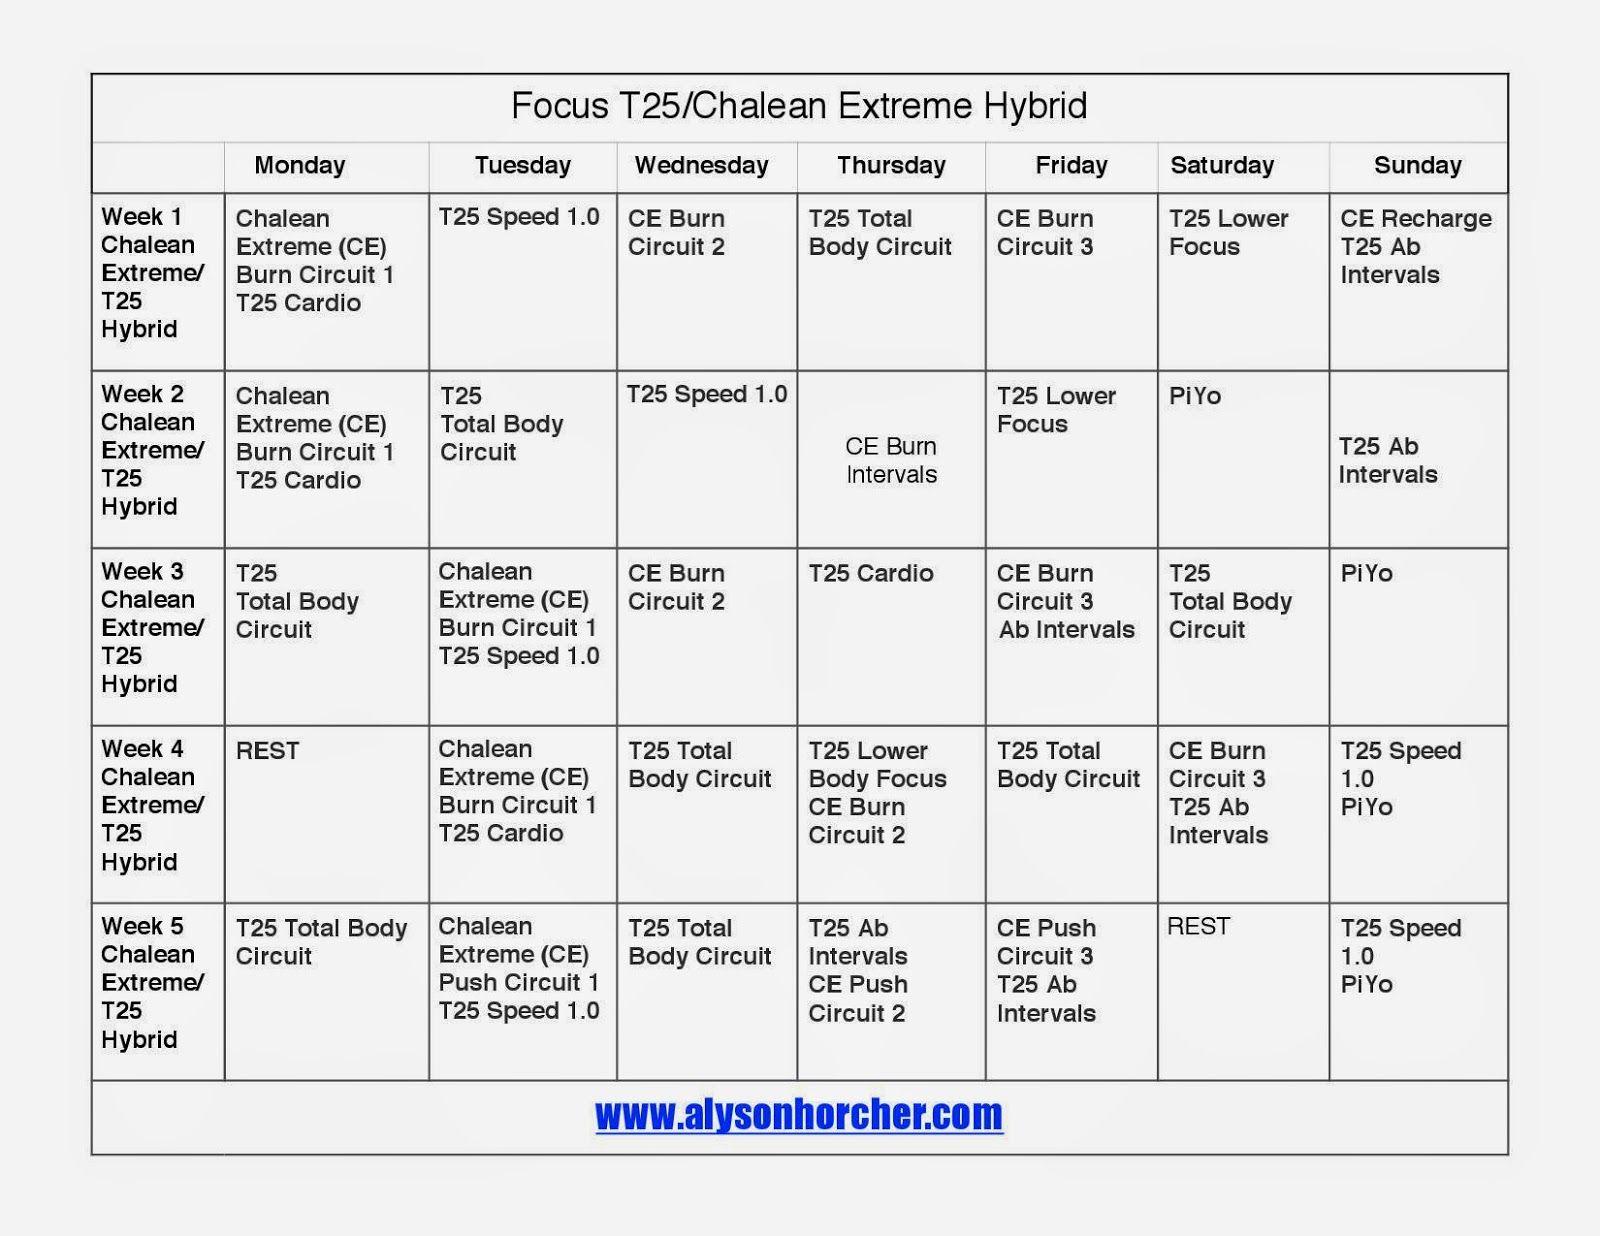 Ysonhorcher Focus T25 Chalean Extreme T25